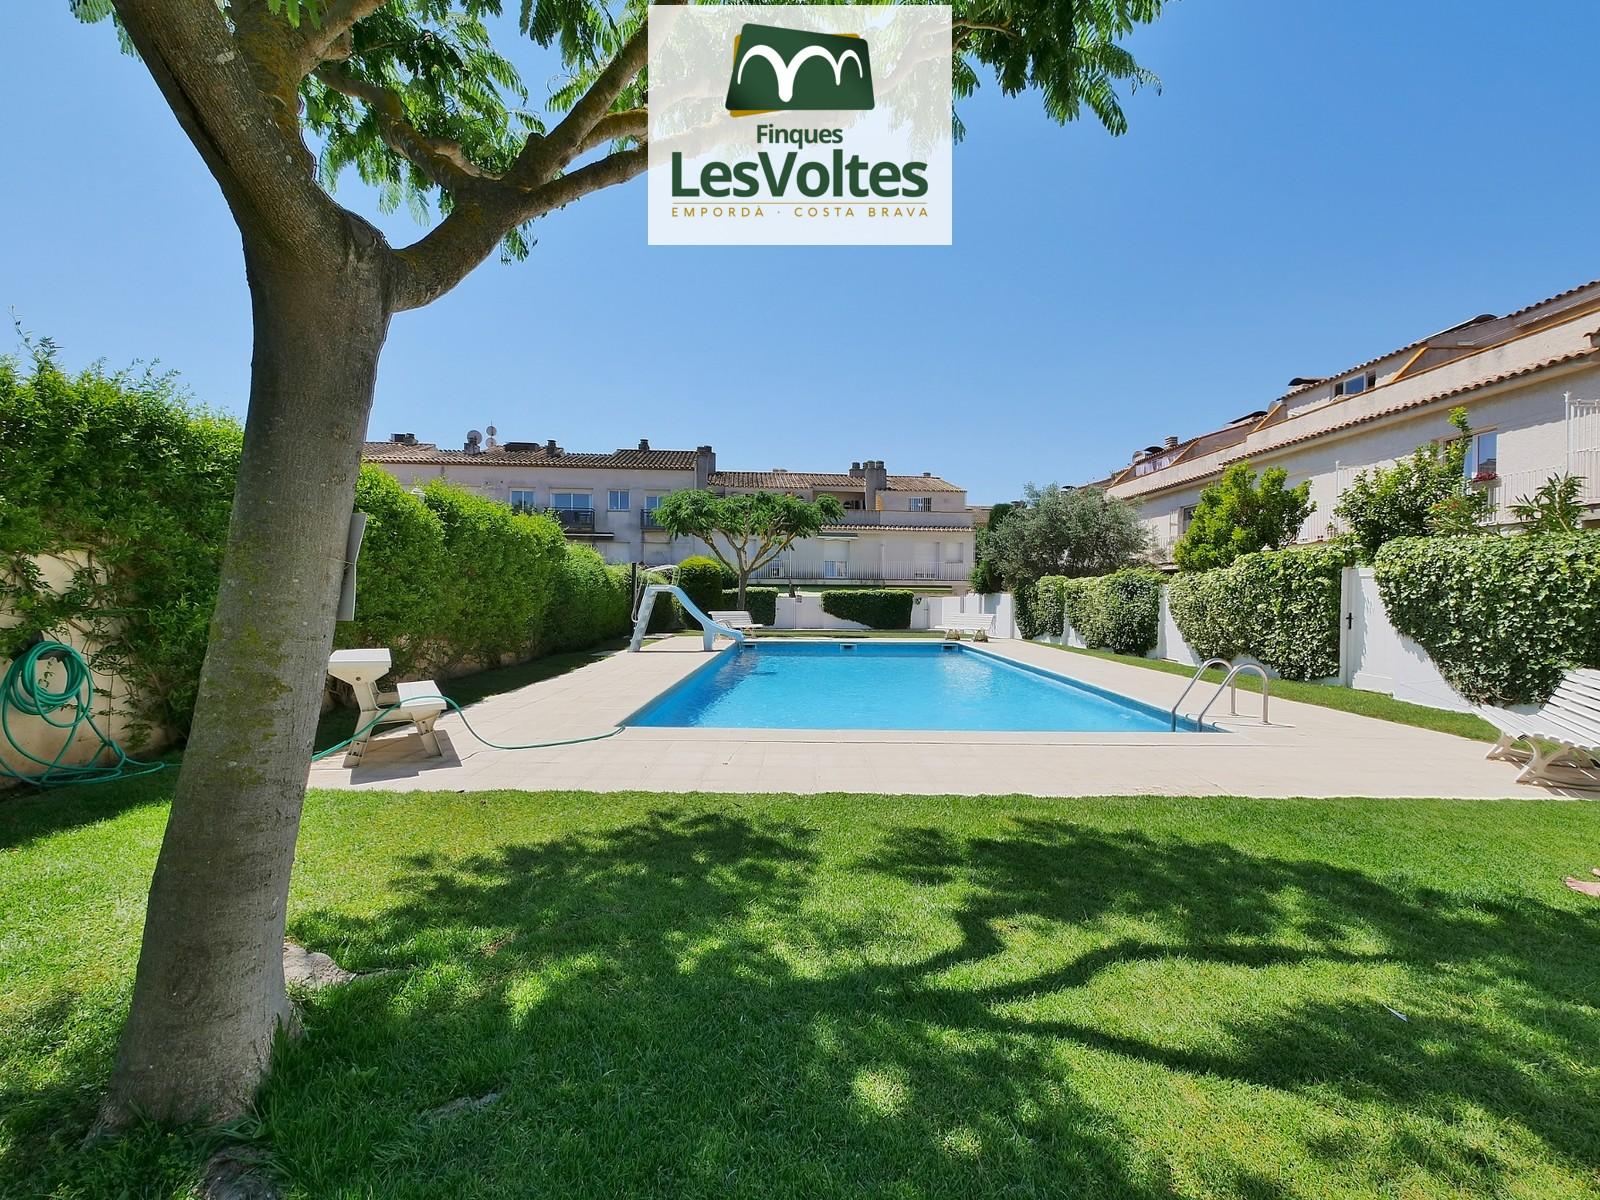 Oportunitat! Magnífica casa 240 m2 amb jardí i piscina en venda a Palafrugell. Molt a prop del centre.